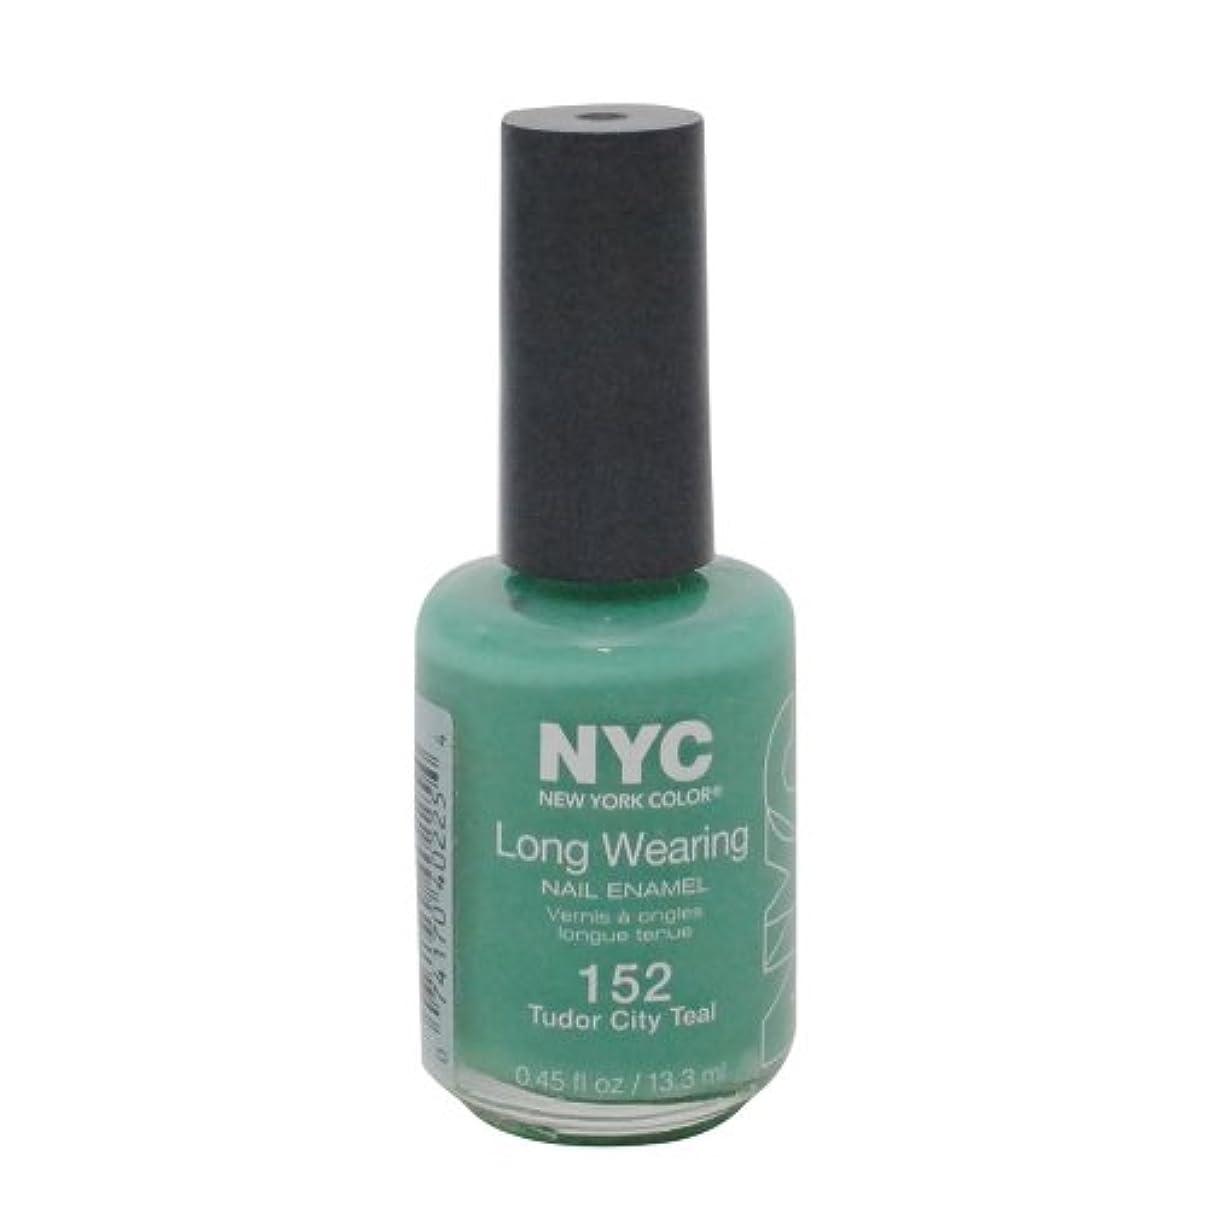 不毛腕醸造所NYC Long Wearing Nail Enamel - Tudor City Teal by NYC New York Color